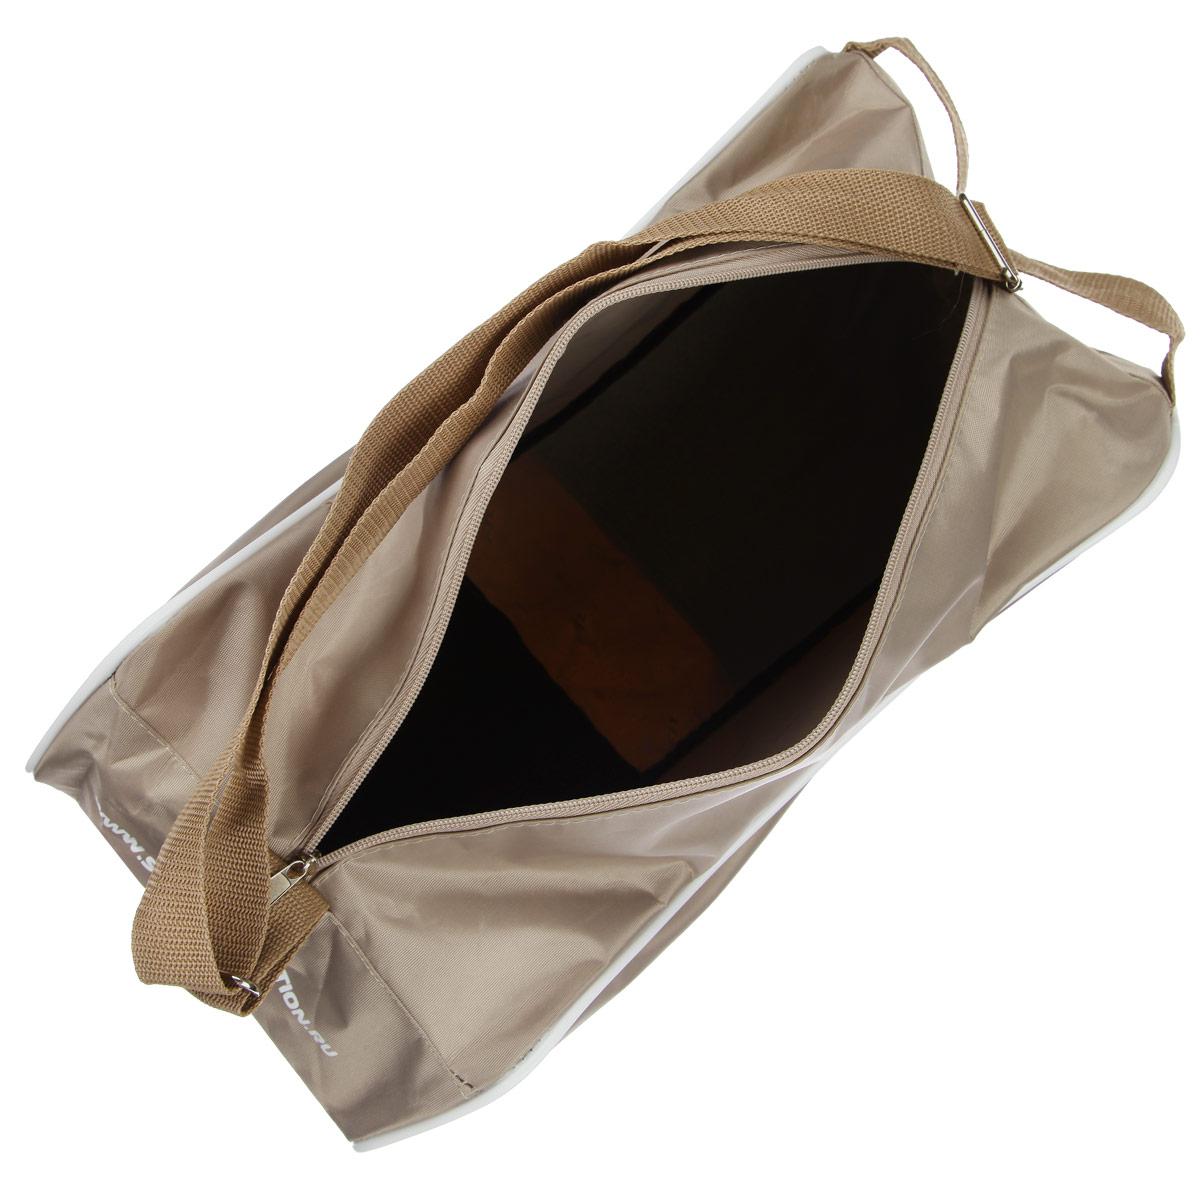 """Сумка """"Спортивная коллекция"""" для роликов и коньков выполнена из высококачественного нейлона.  Особенности:  Сумка оснащена регулируемыми наплечным ремнем и ручками для транспортировки в руках.  Легкий прочный корпус из водонепроницаемого материала. На боковой стороне сумки располагается удобный плоский карман на липучке. Имеется также специальная окантовка для сохранения формы сумки. Центральная застежка-молния для быстрого доступа к содержимому."""